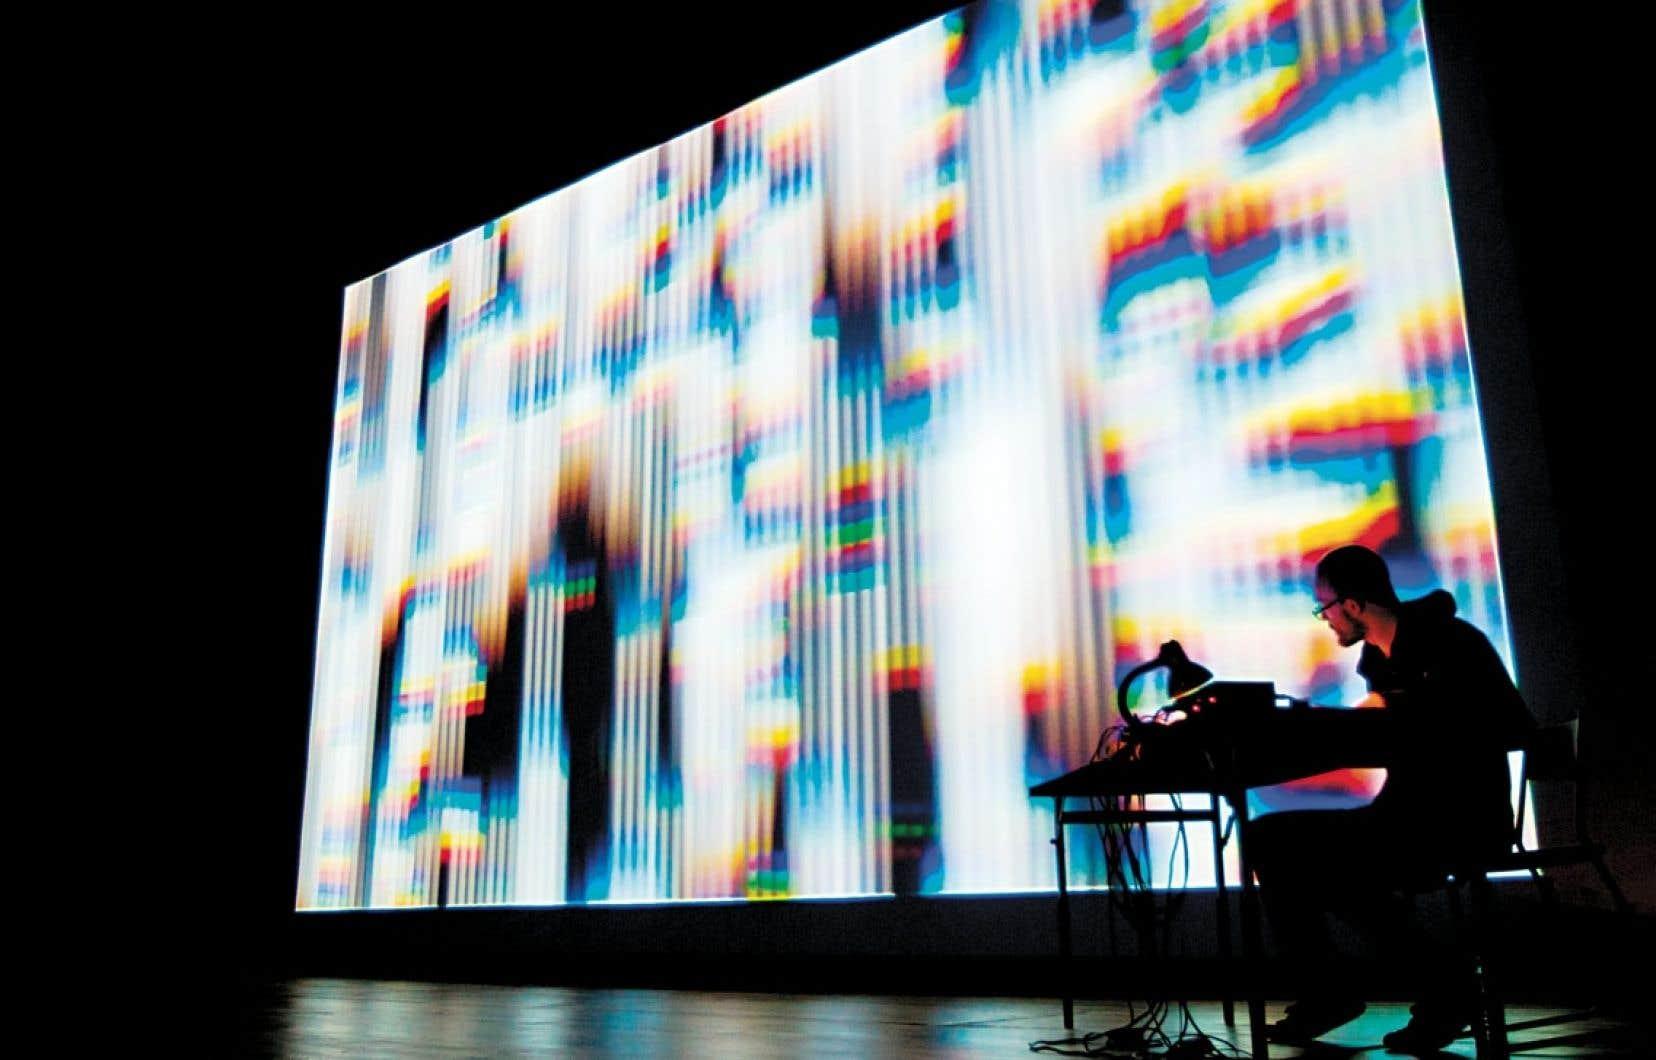 Avec la performance System Introspection, Nicolas Maigret met à nu des disques durs d'ordinateur dont la logique binaire est traduite en un flux sonore et visuel.